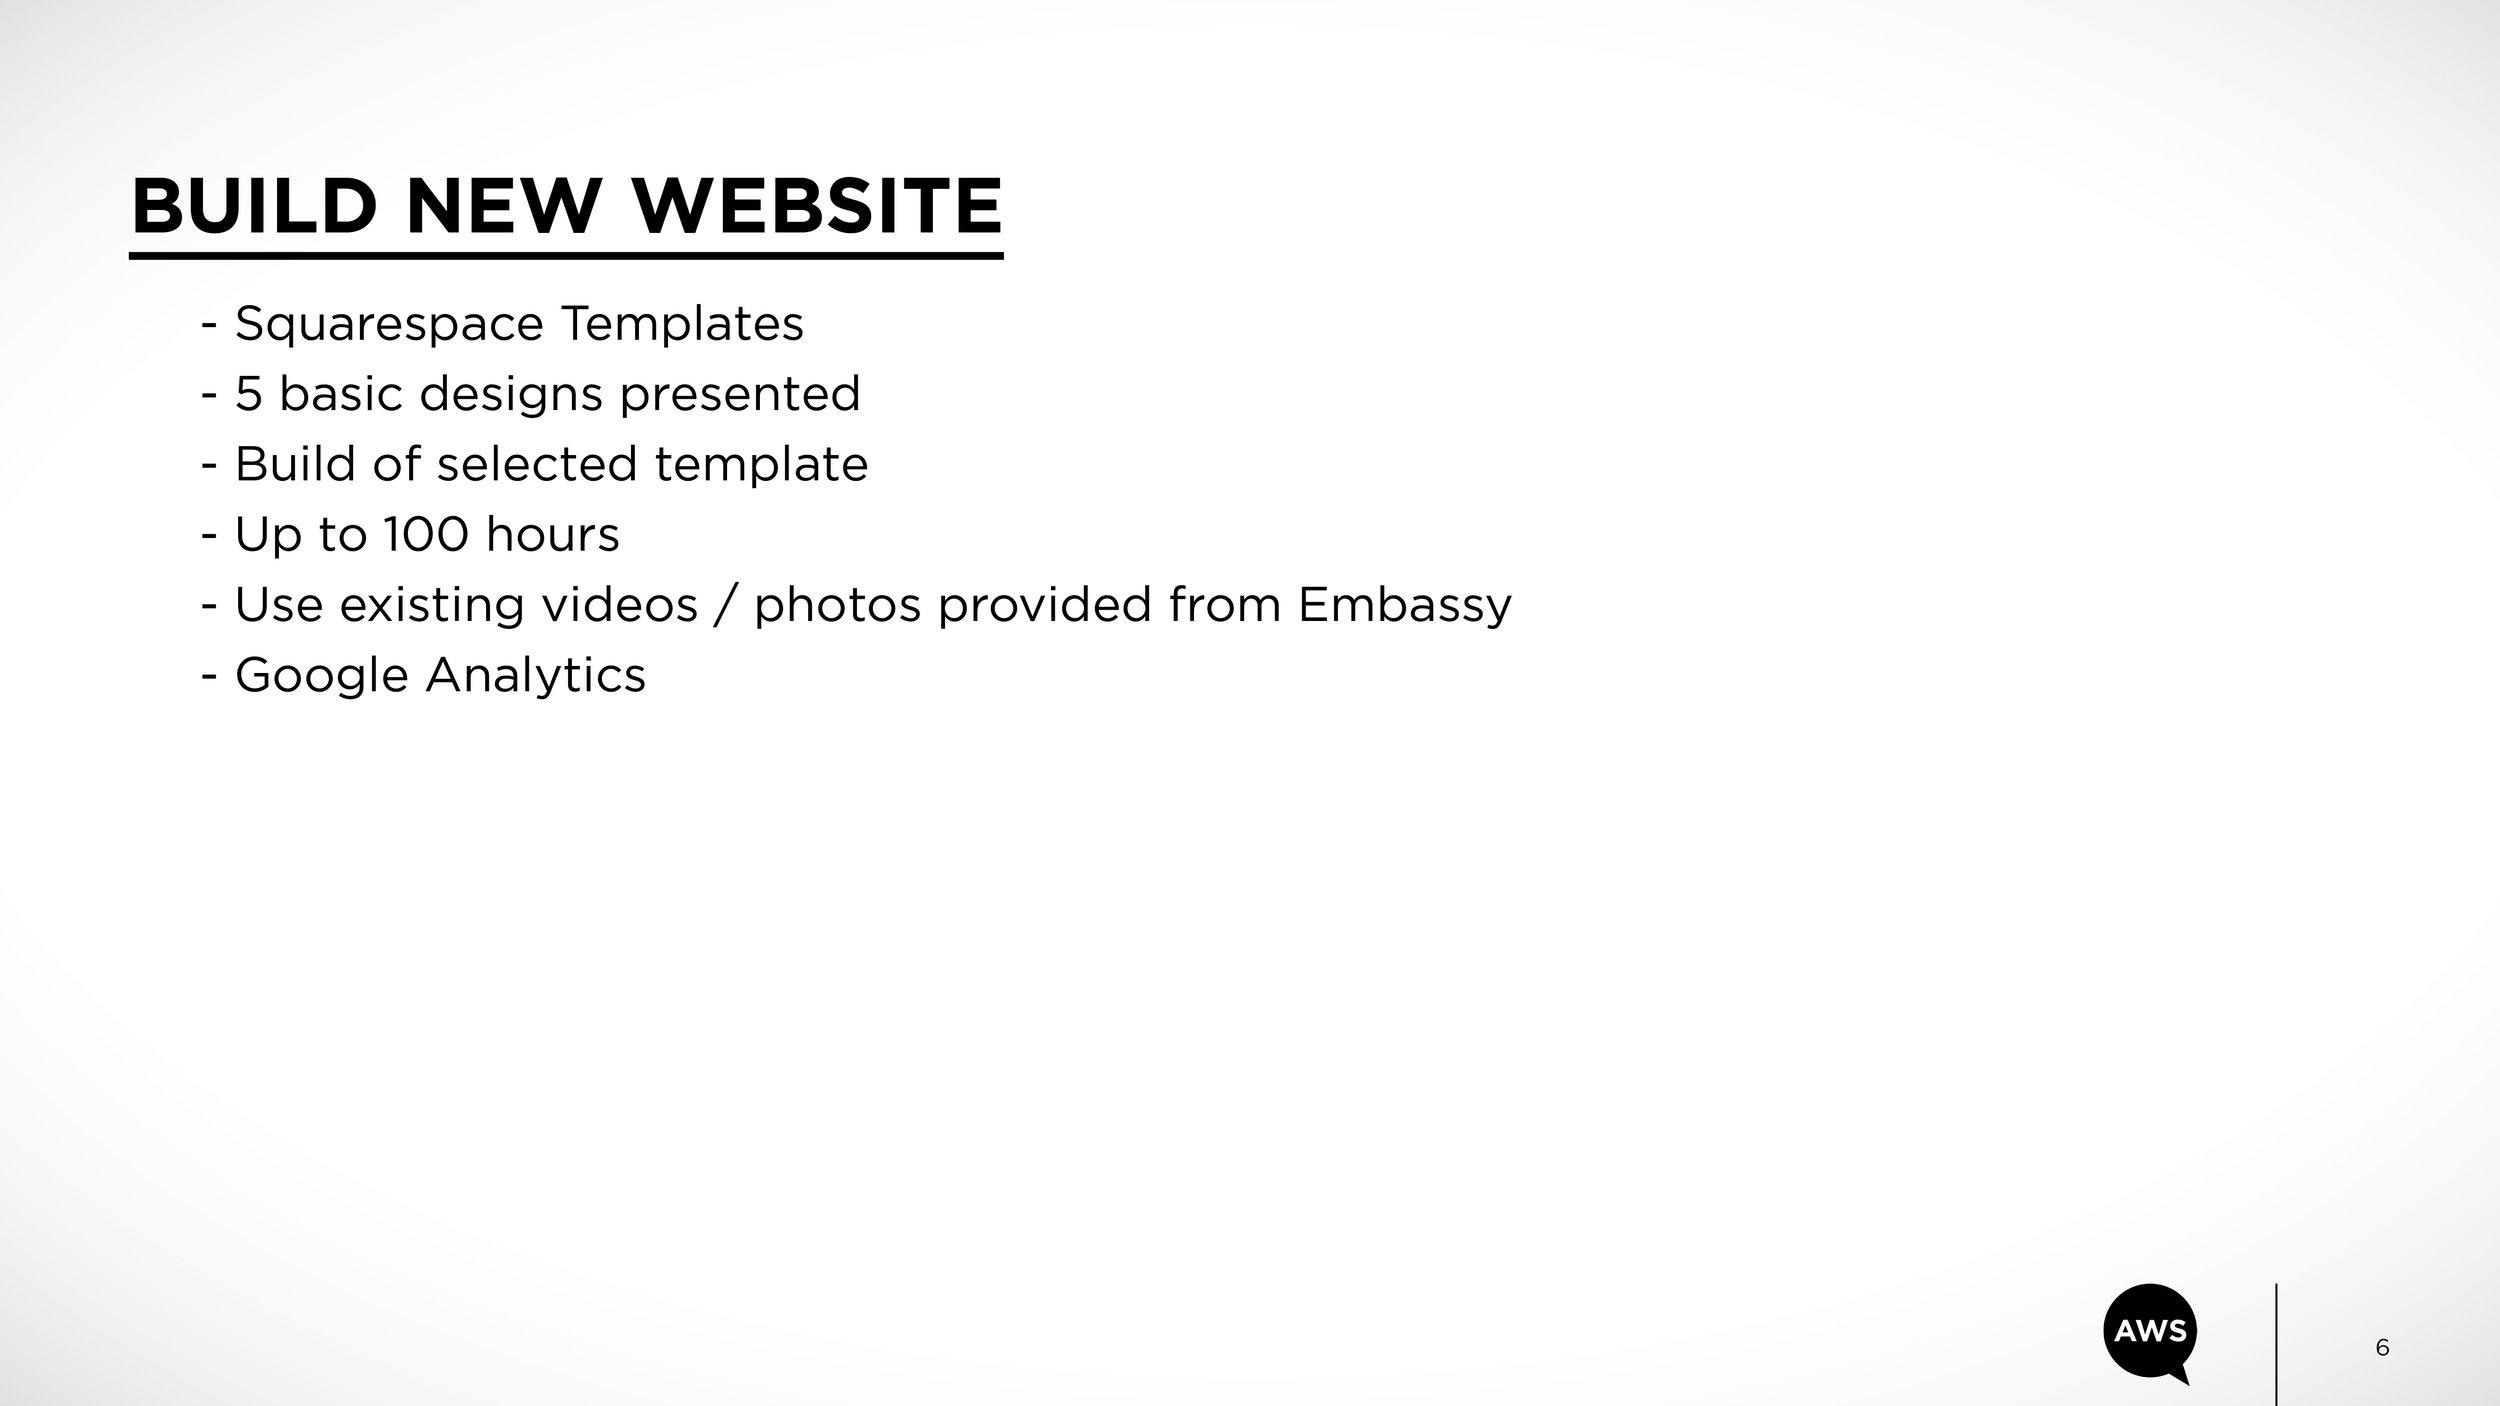 AWS - Embassy Landscape6.jpg